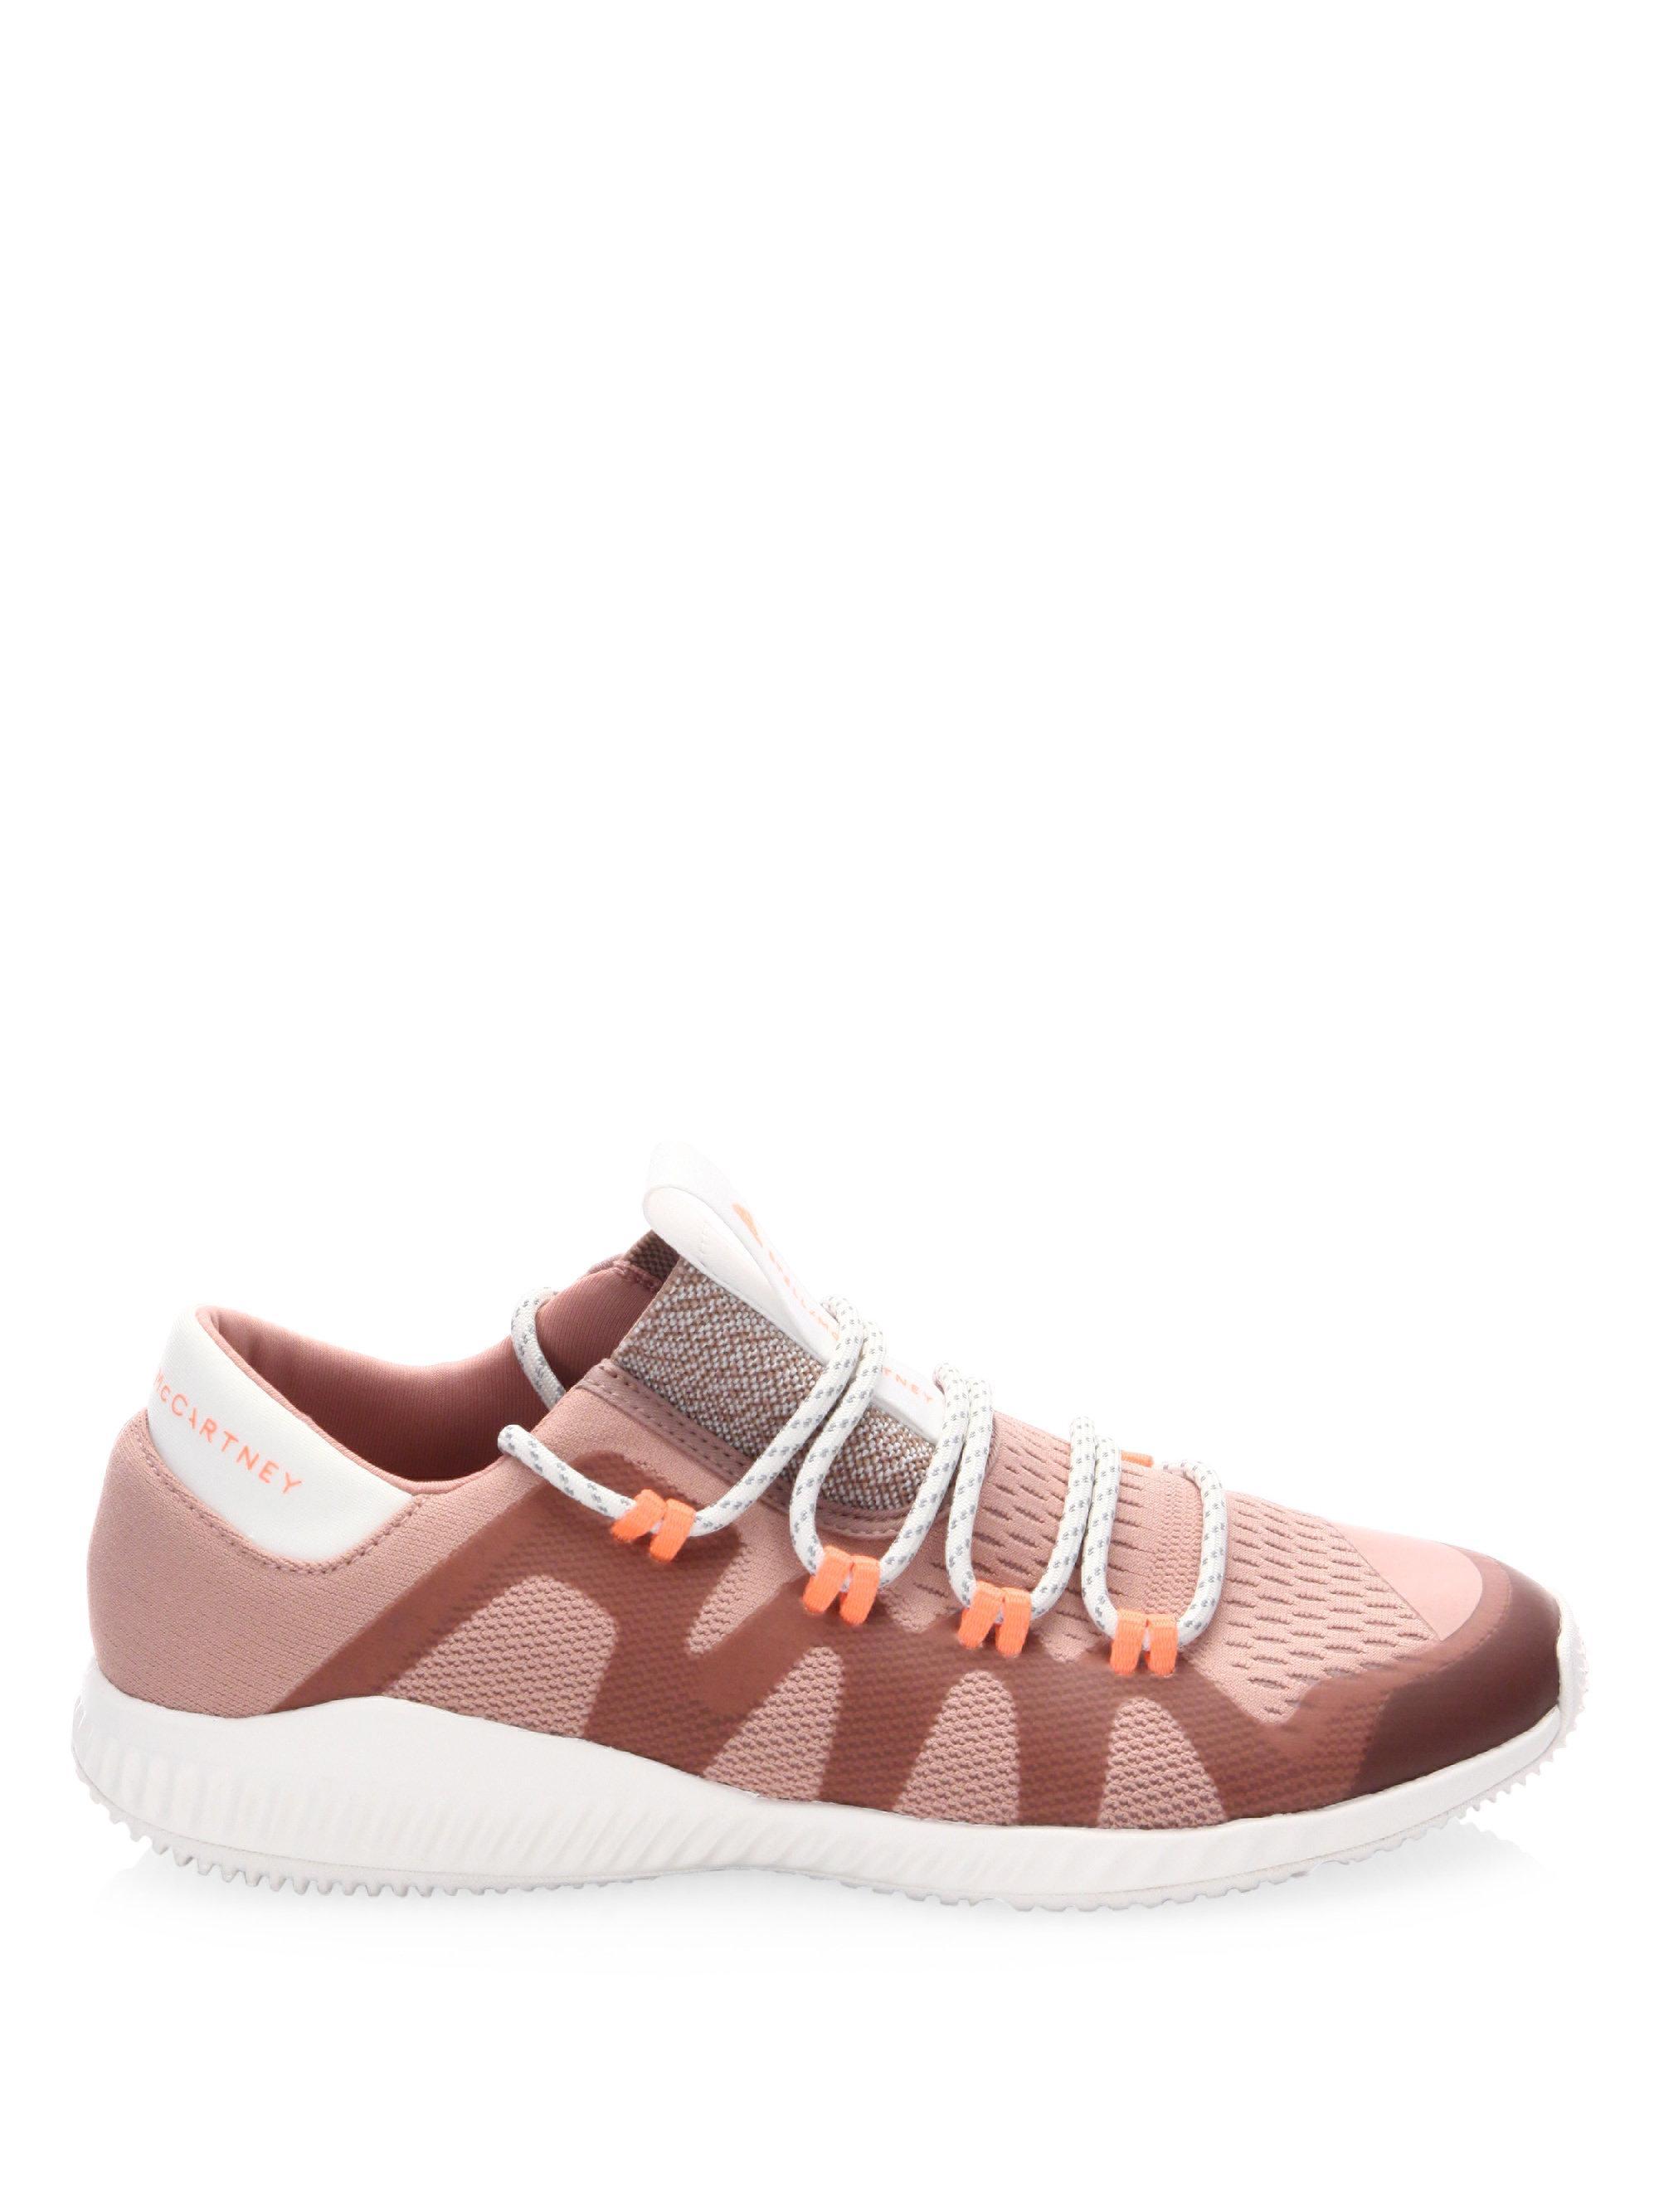 Lyst adidas da stella mccartney crazy train (scarpe rosa